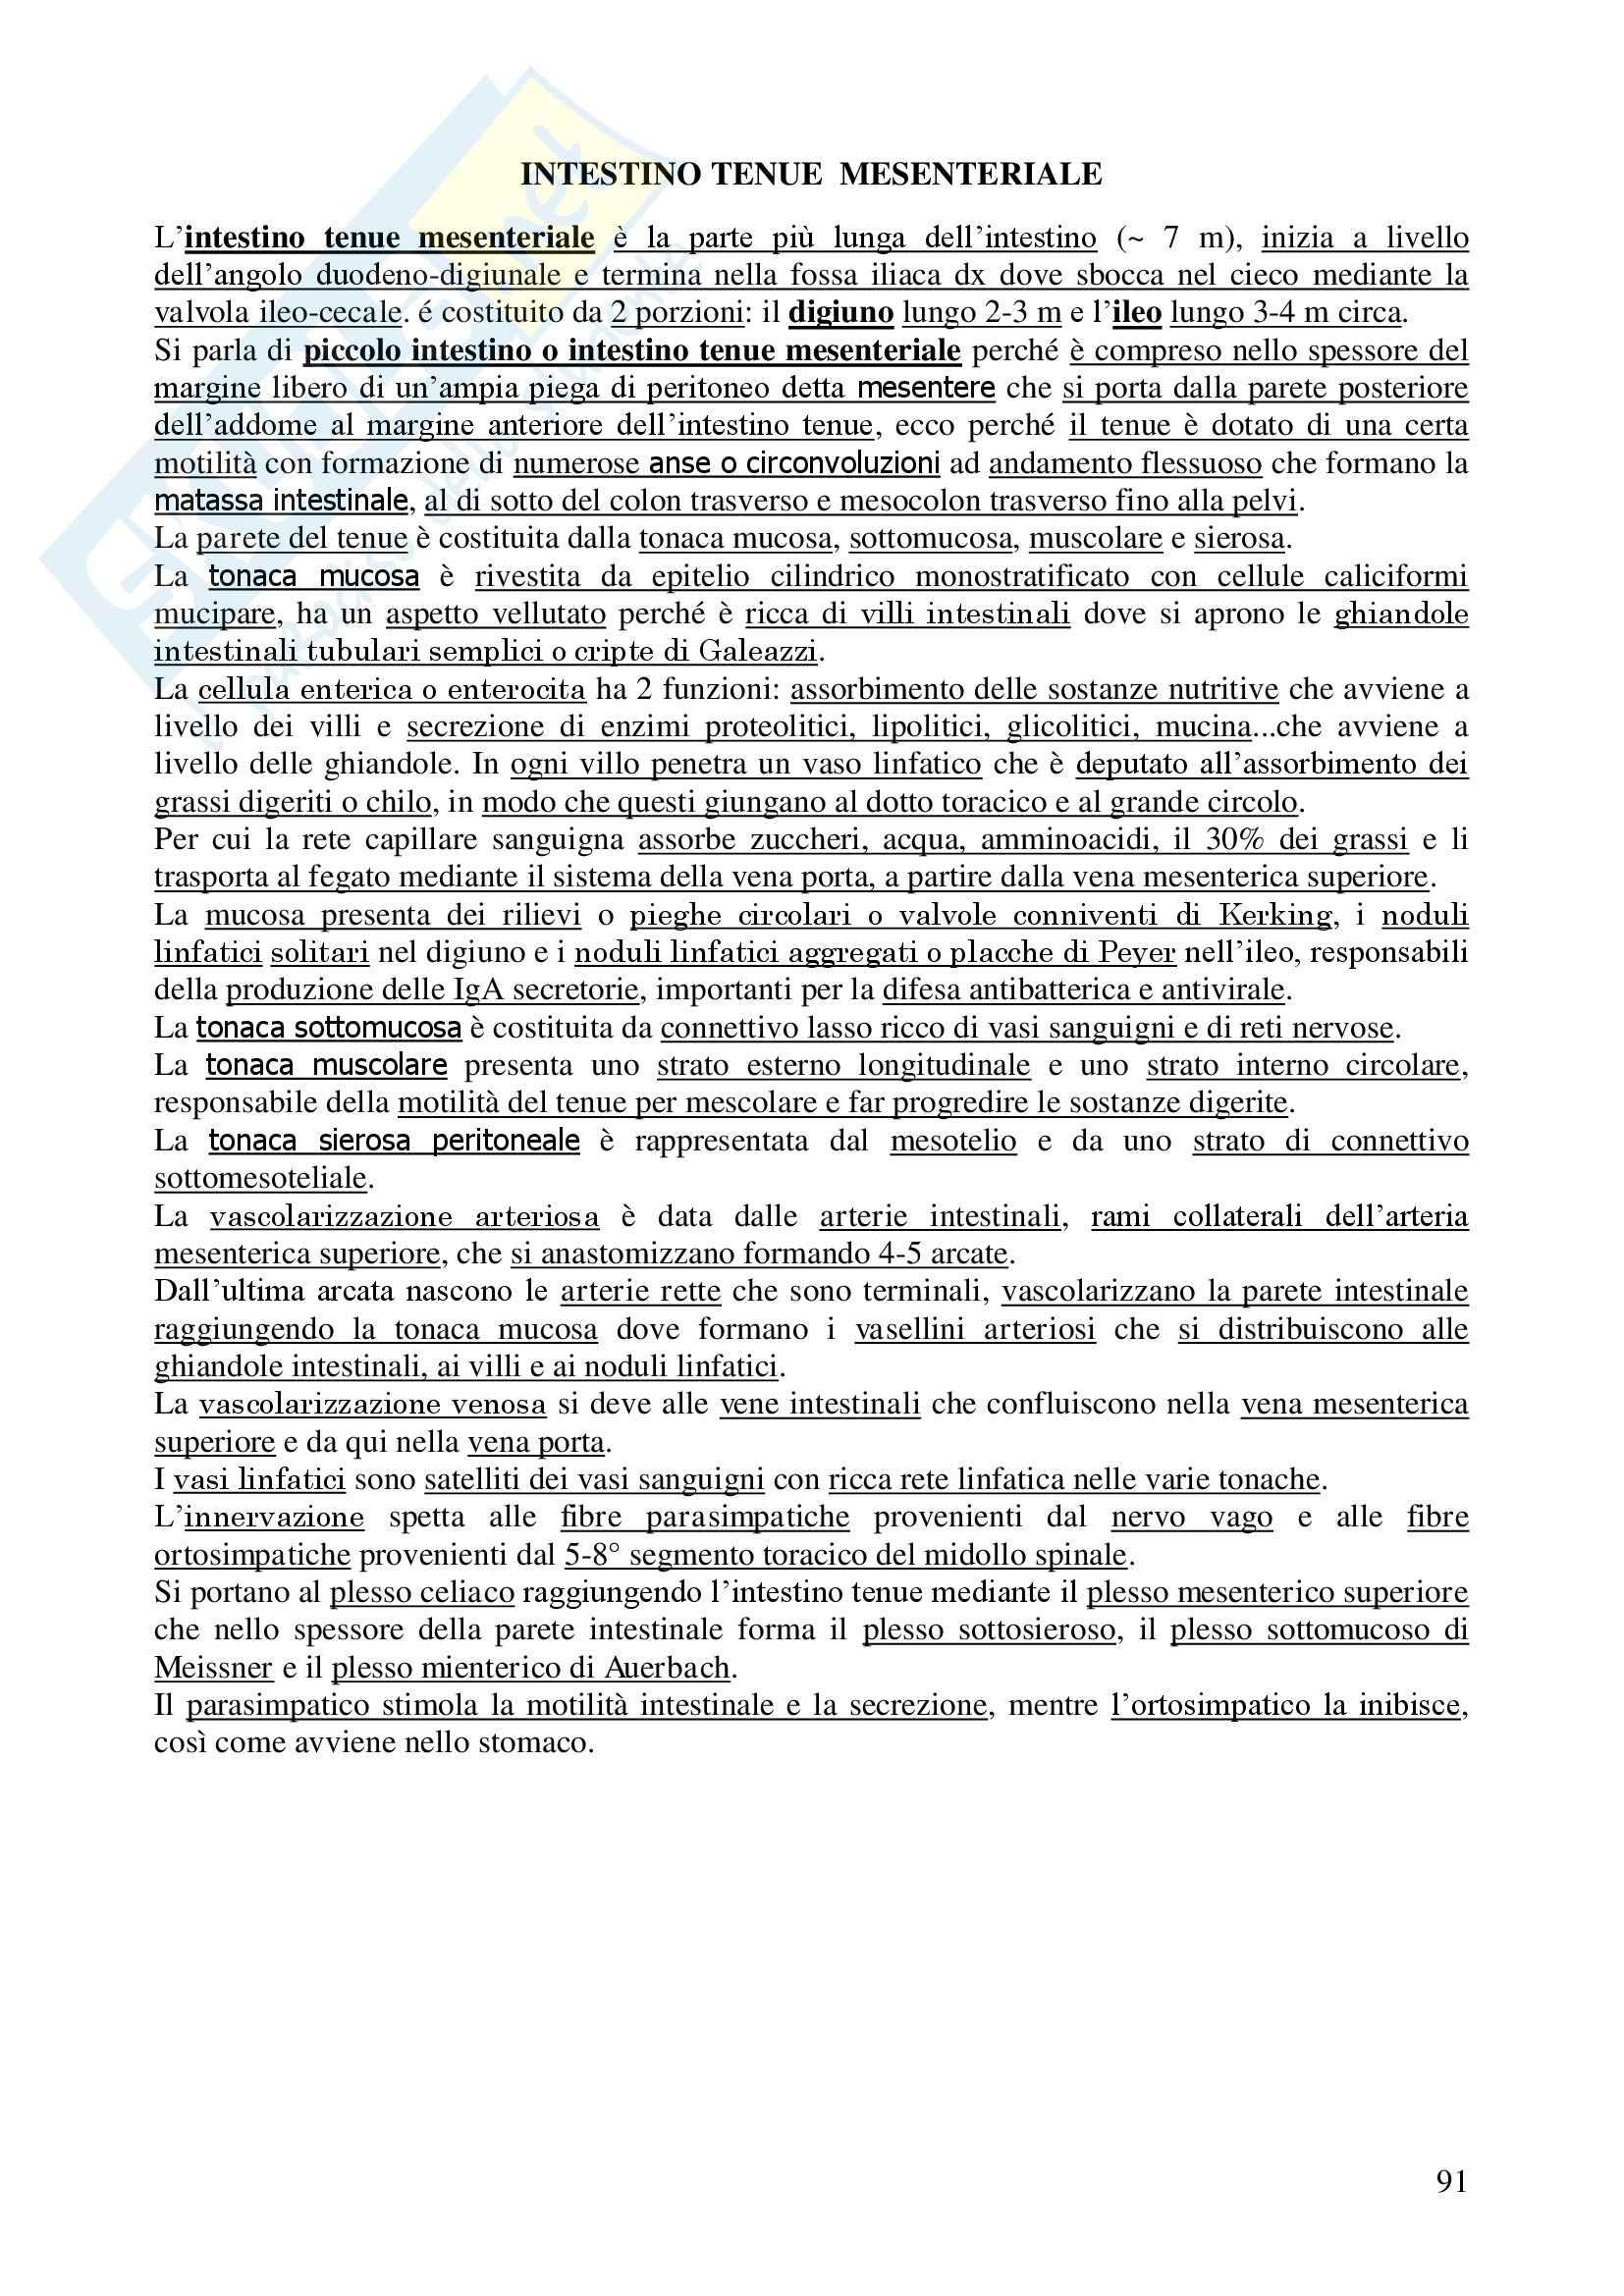 Chirurgia - chirurgia generale - Appunti Pag. 91